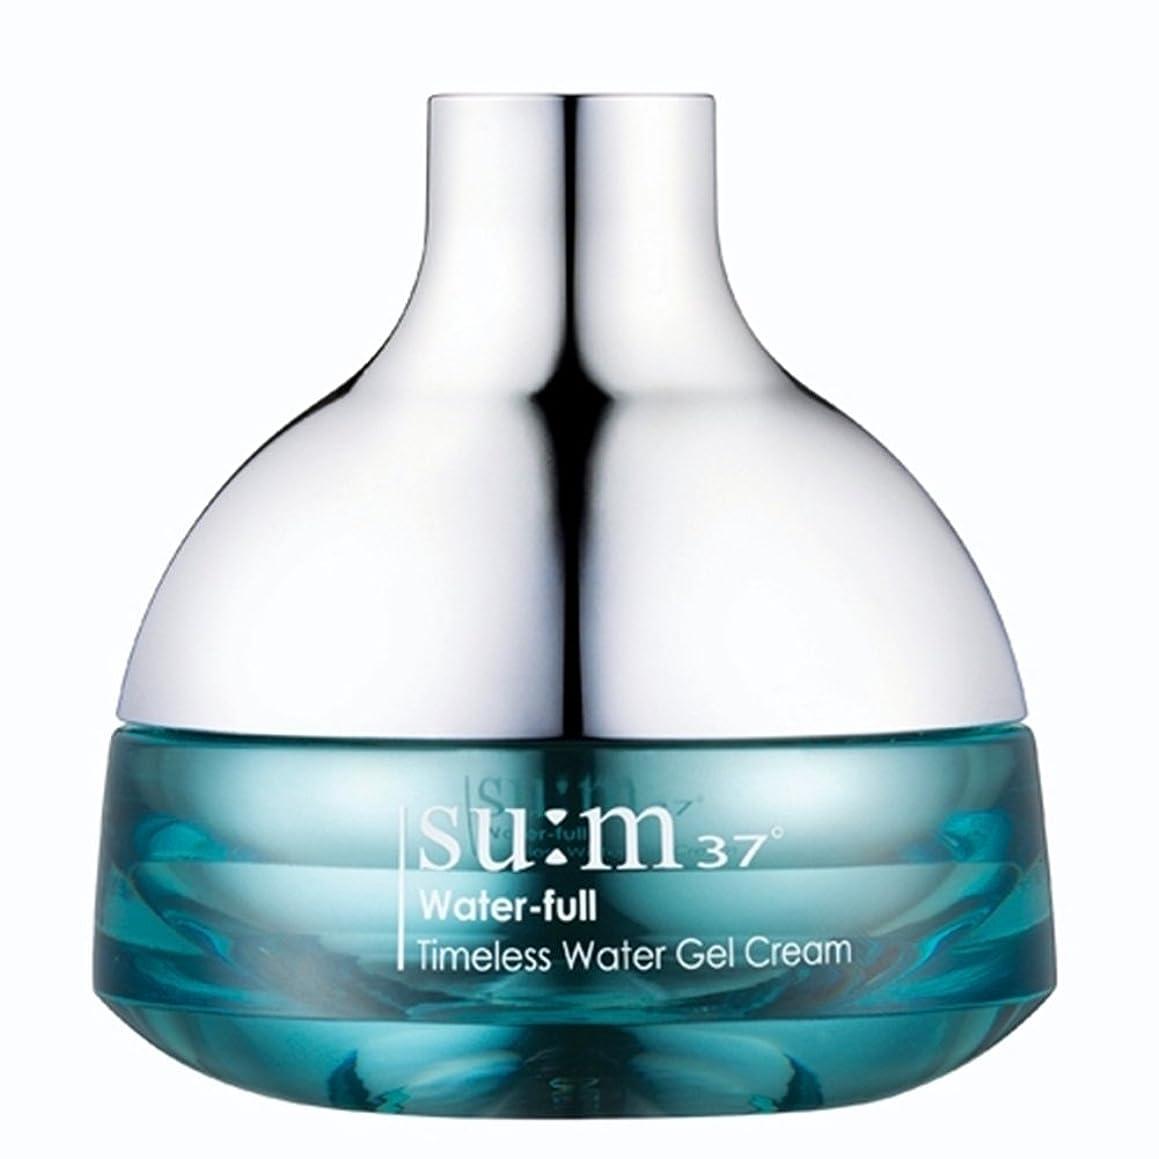 ウイルスヨーロッパオーバーコートsu:m37/スム37° スム37 ウォーターフルタイムレスウォータージェルクリーム50ml (sum 37oWater-full Timeless Water Gel Cream 50ml + Special Gift) スポット [海外直送品]